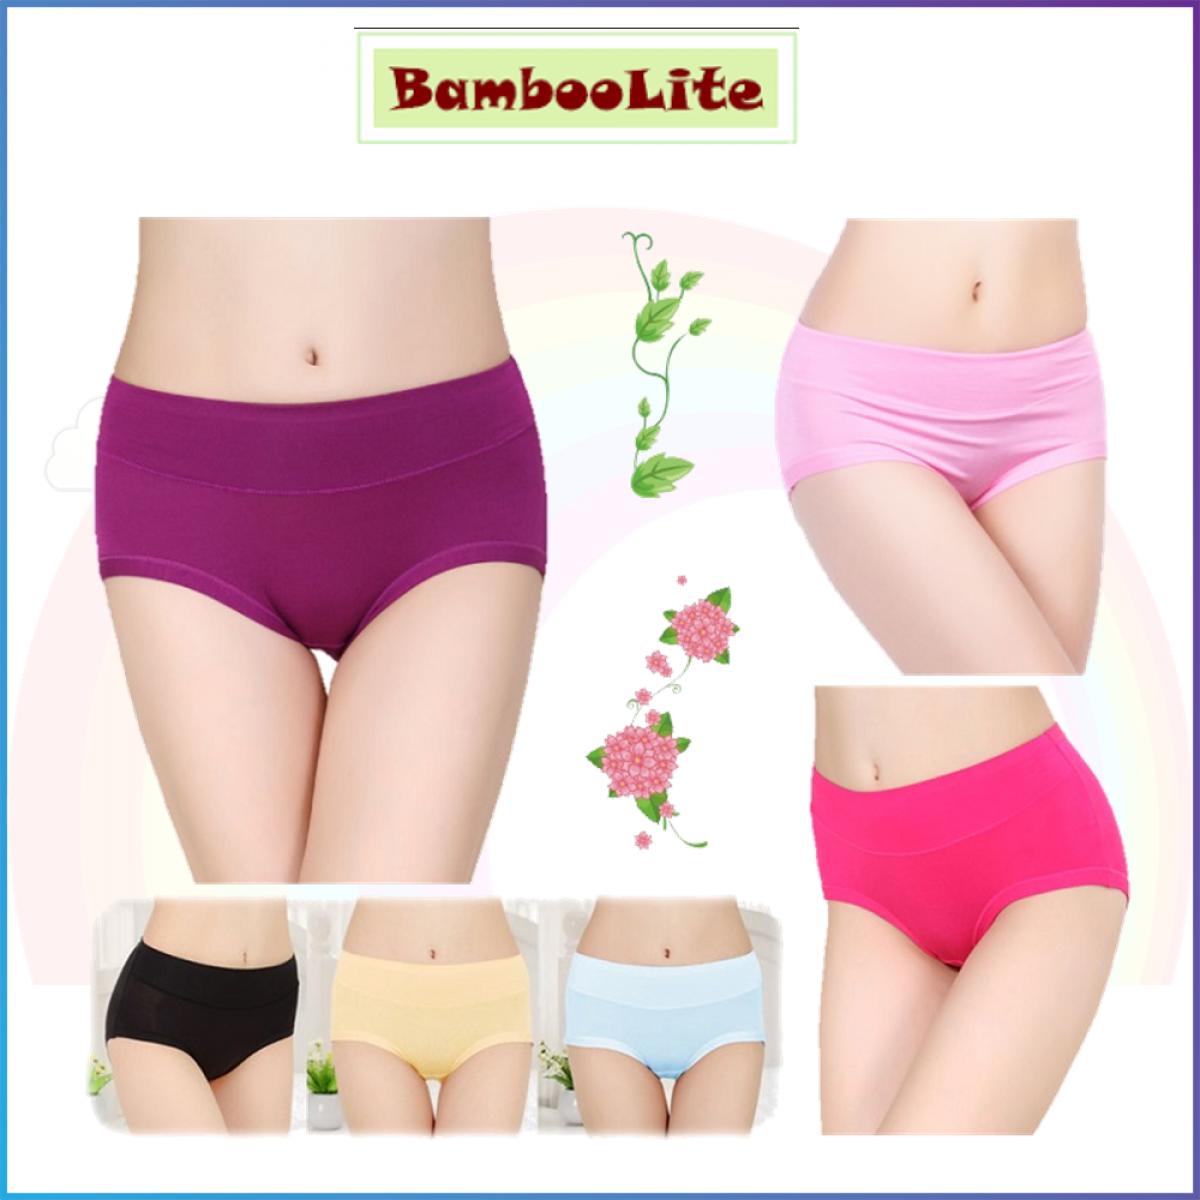 BambooLite Brief Panties  - Beige, Pink, Black, Blue